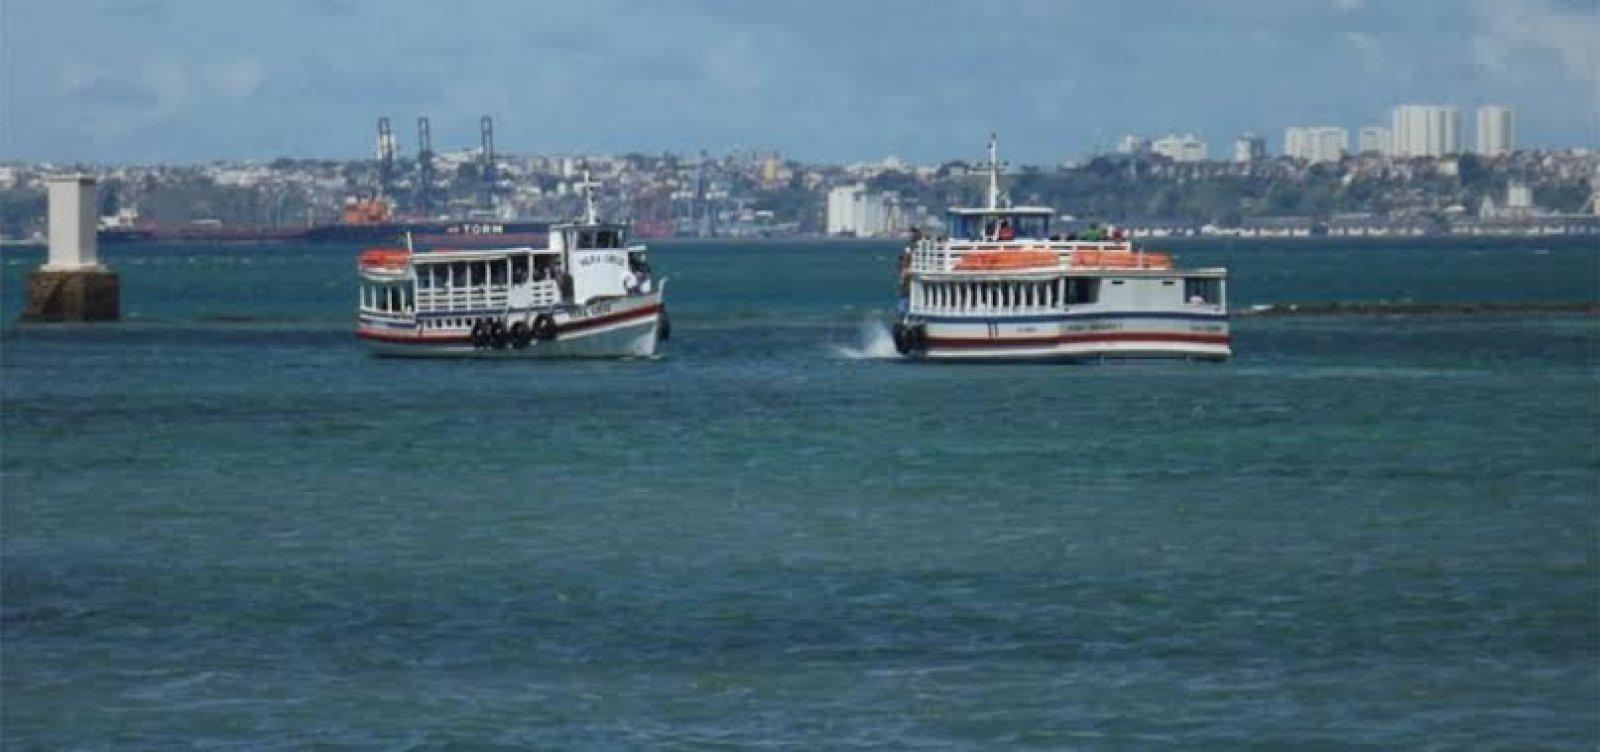 Travessia Salvador-Mar Grande opera com oito embarcações e saídas de hora em hora